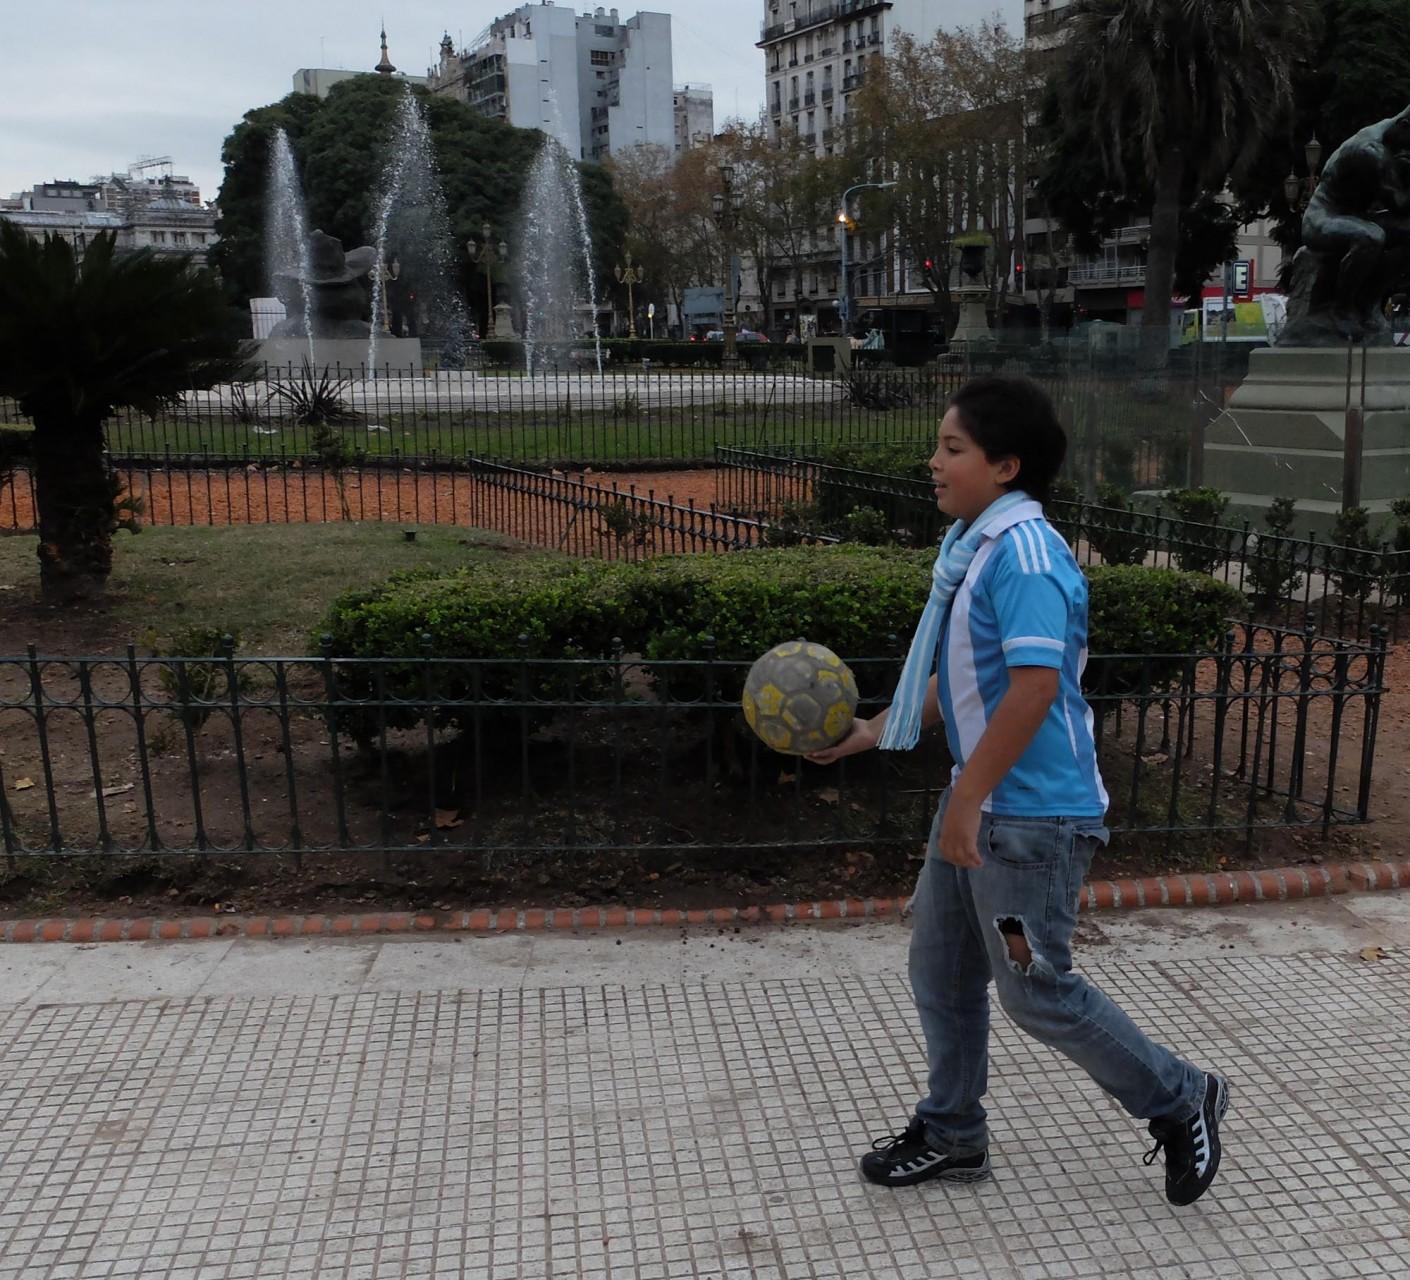 La albiceleste y la pelota se toman los corazones argentinos desde la primera infancia.